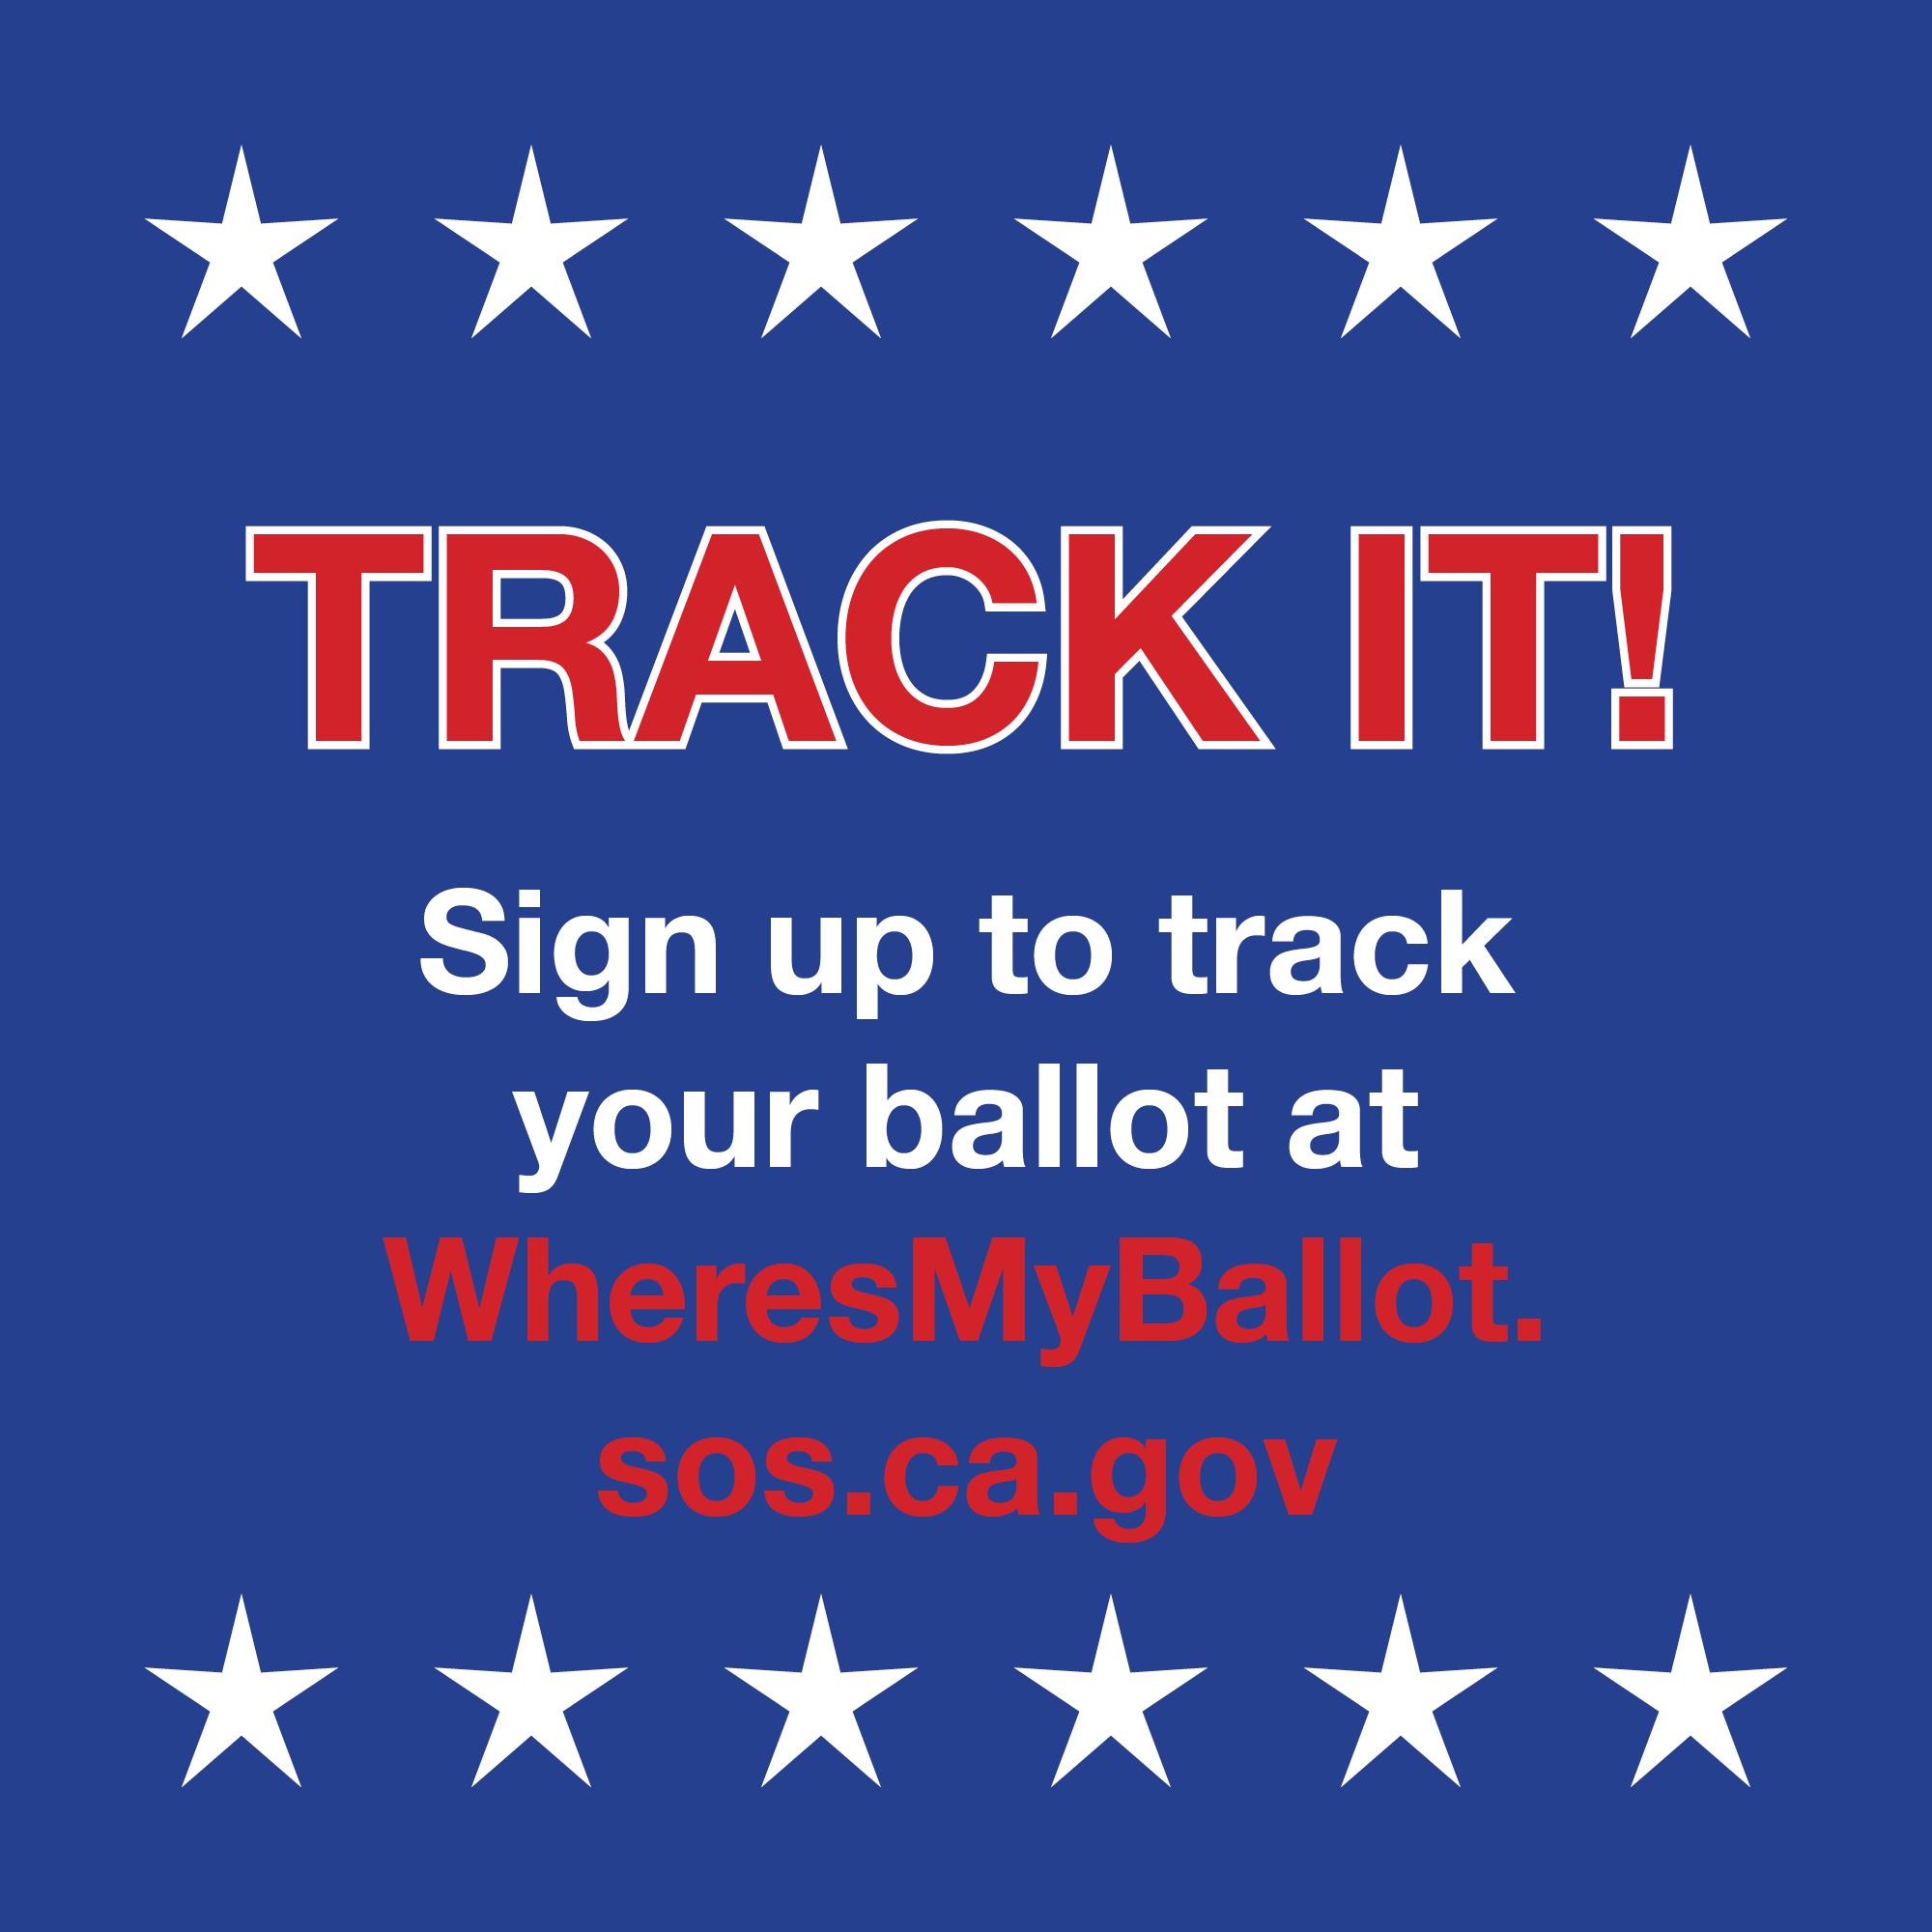 Sign up to track your ballot at WheresMyBallot.sos.ca.gov